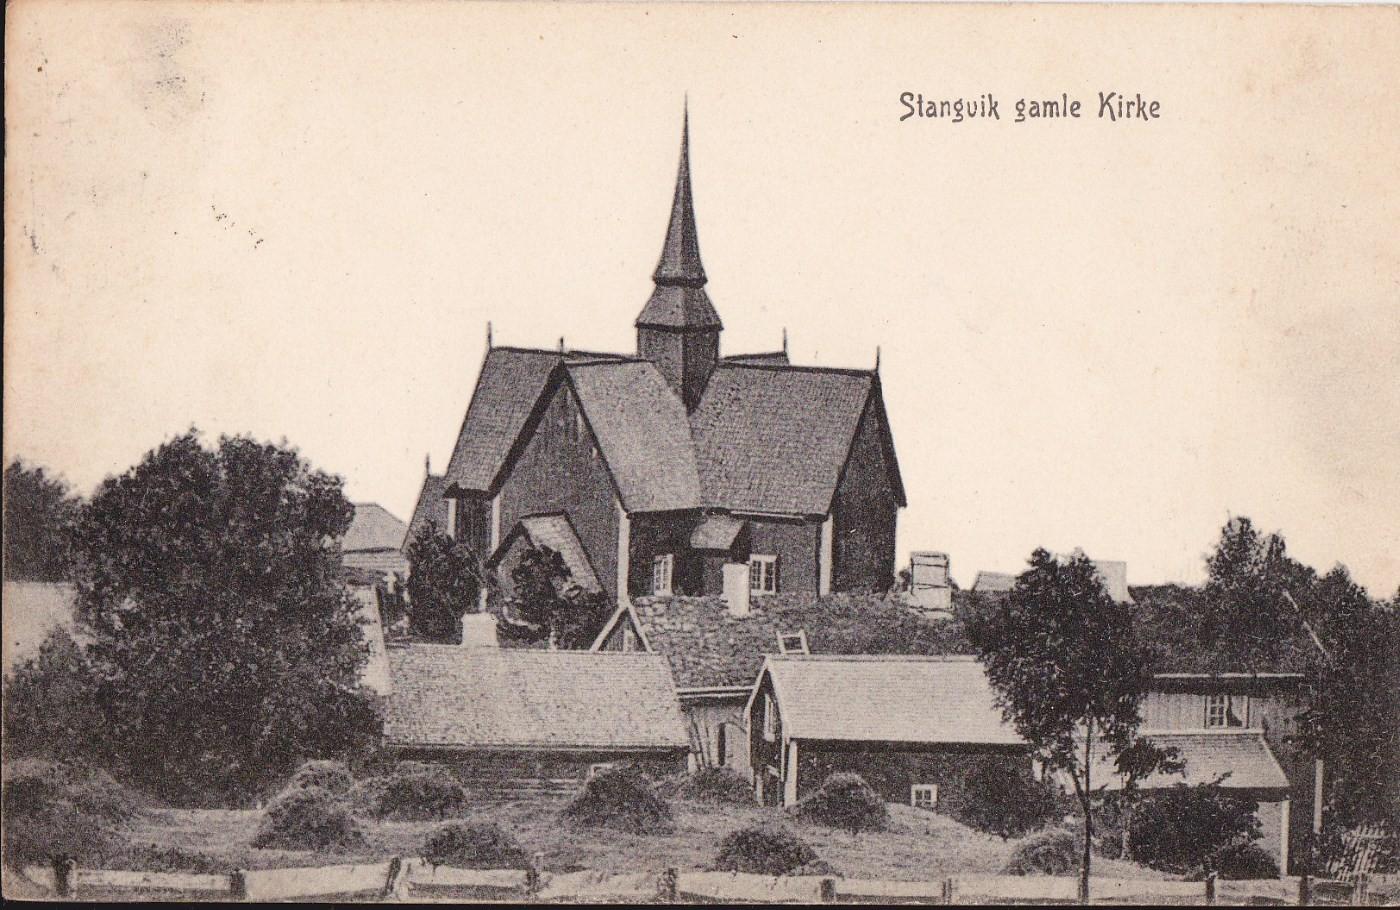 Stangvik kyrkje - korskyrkja frå 1784. Foto utlånt av Bernt G. Bøe